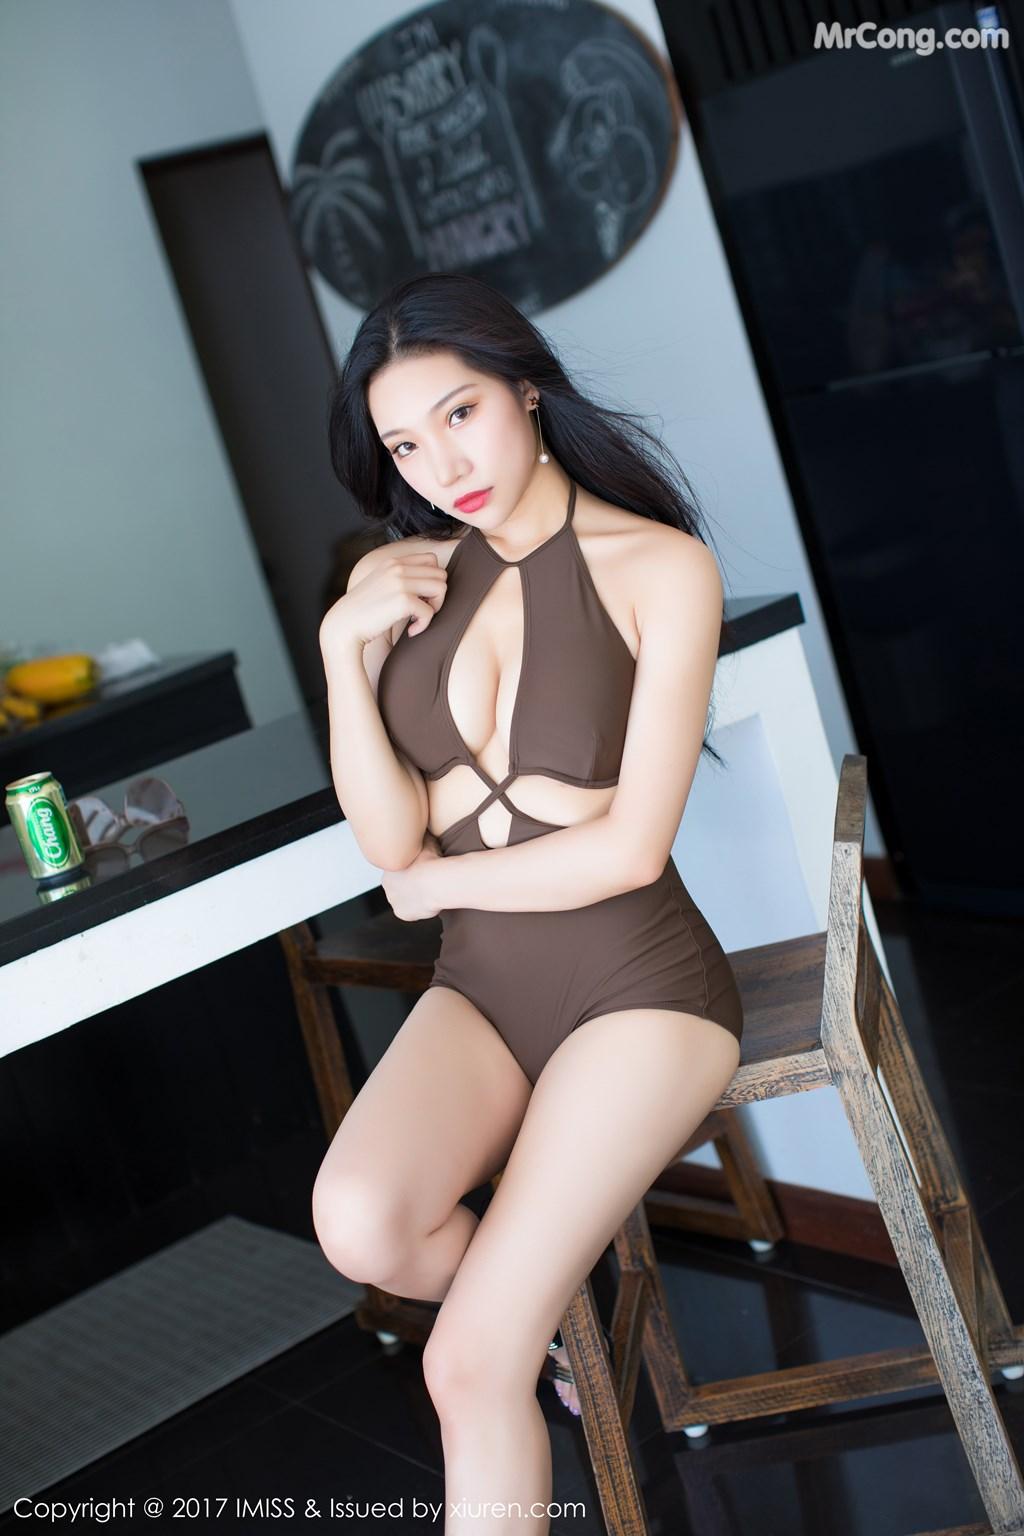 Image IMISS-Vol.202-Xiao-Hu-Li-Sica-MrCong.com-005 in post IMISS Vol.202: Người mẫu Xiao Hu Li (小狐狸Sica) (67 ảnh)